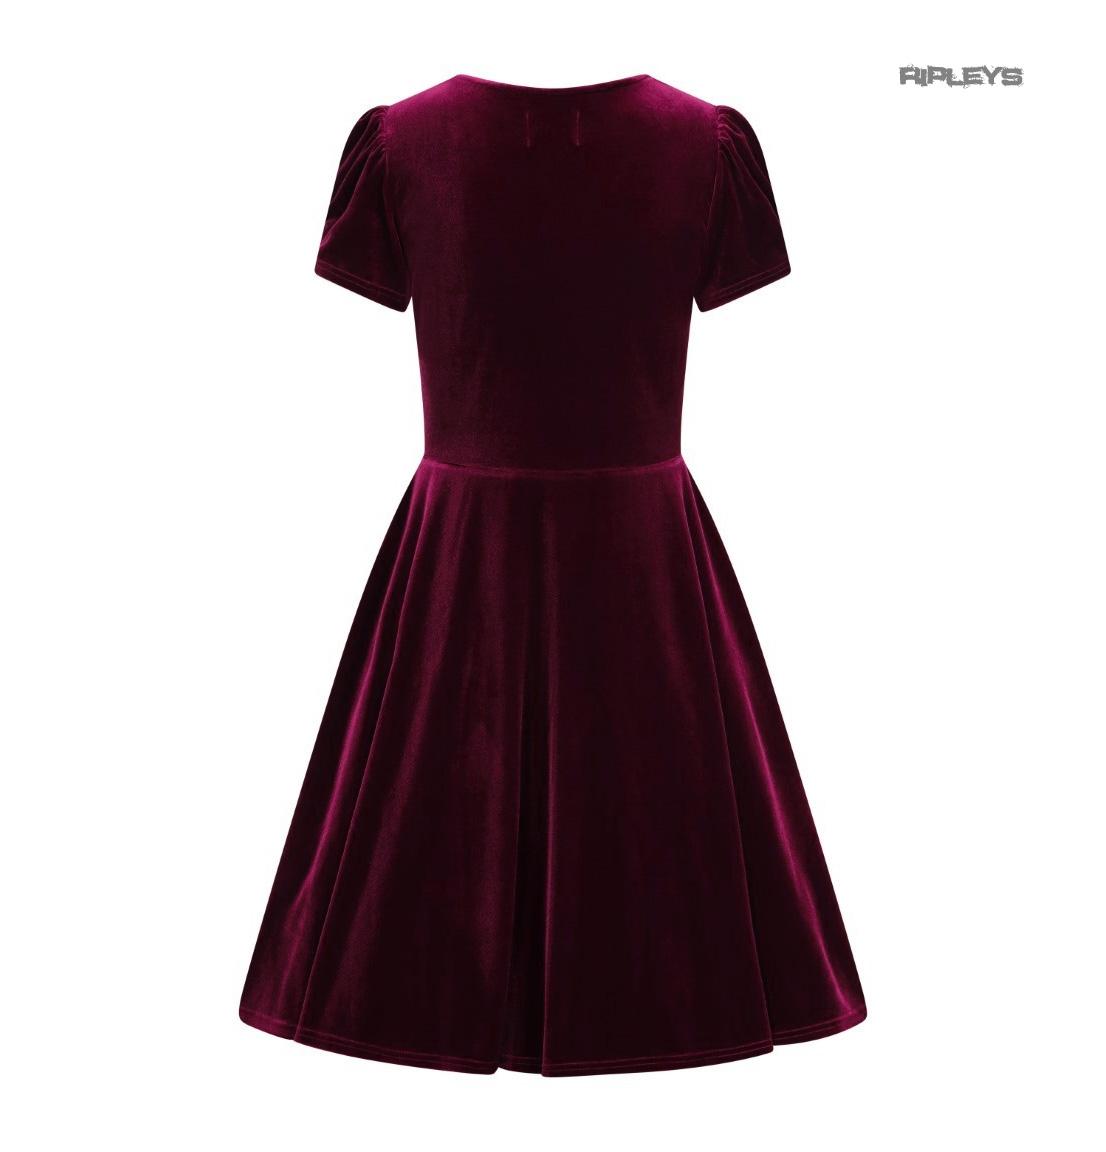 Hell-Bunny-40s-50s-Elegant-Pin-Up-Dress-JOANNE-Crushed-Velvet-Burgundy-All-Sizes thumbnail 24